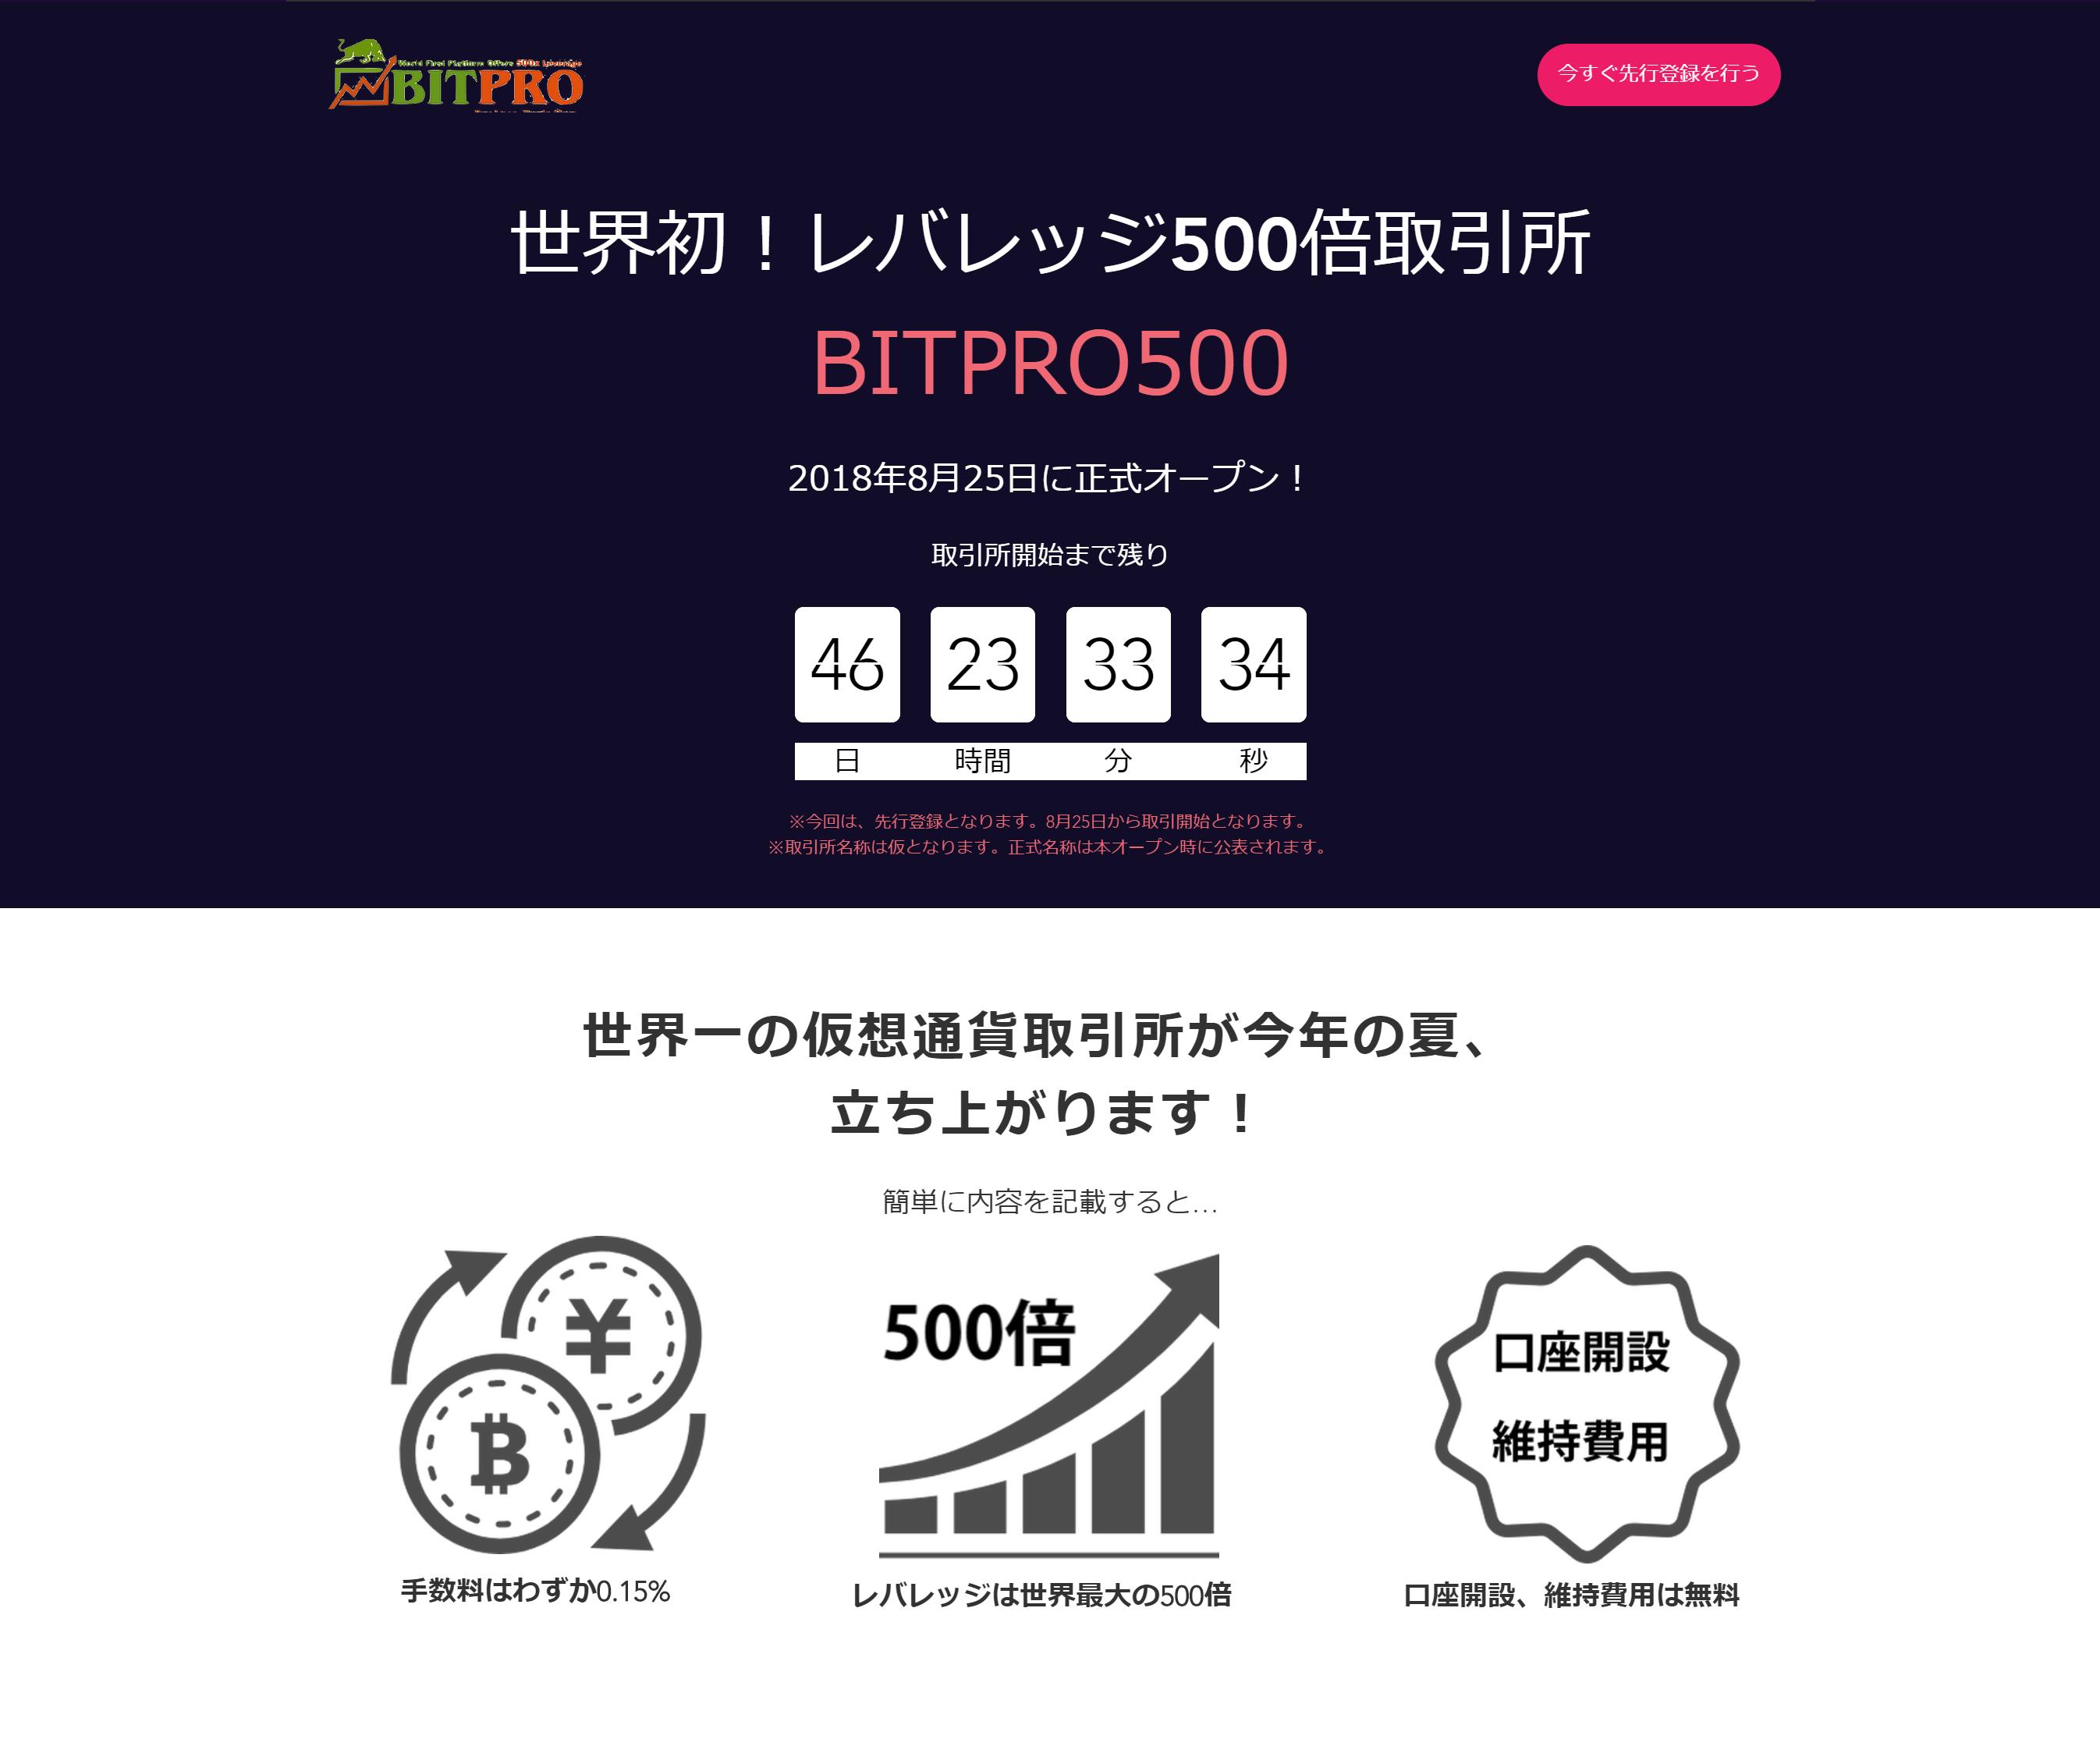 仮想通貨、ICO、AirDrop、エアドロップ、始め方、基礎、基本、仮想通貨とは何か、ビットコイン、購入、BITPRO500、ビットプロ500、取引所、レバレッジ500倍